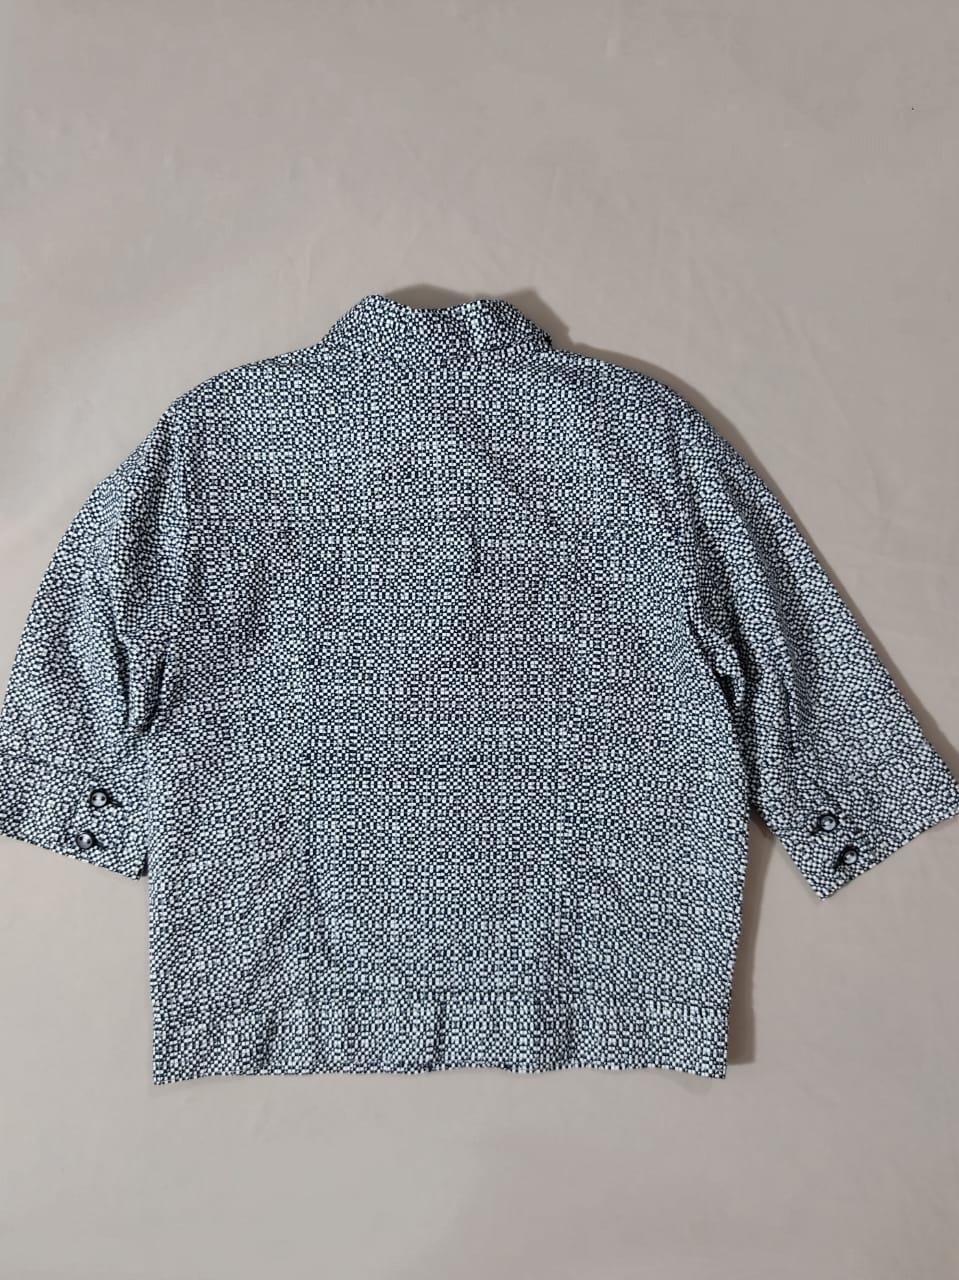 Jaqueta algodão estampa em preto e branco